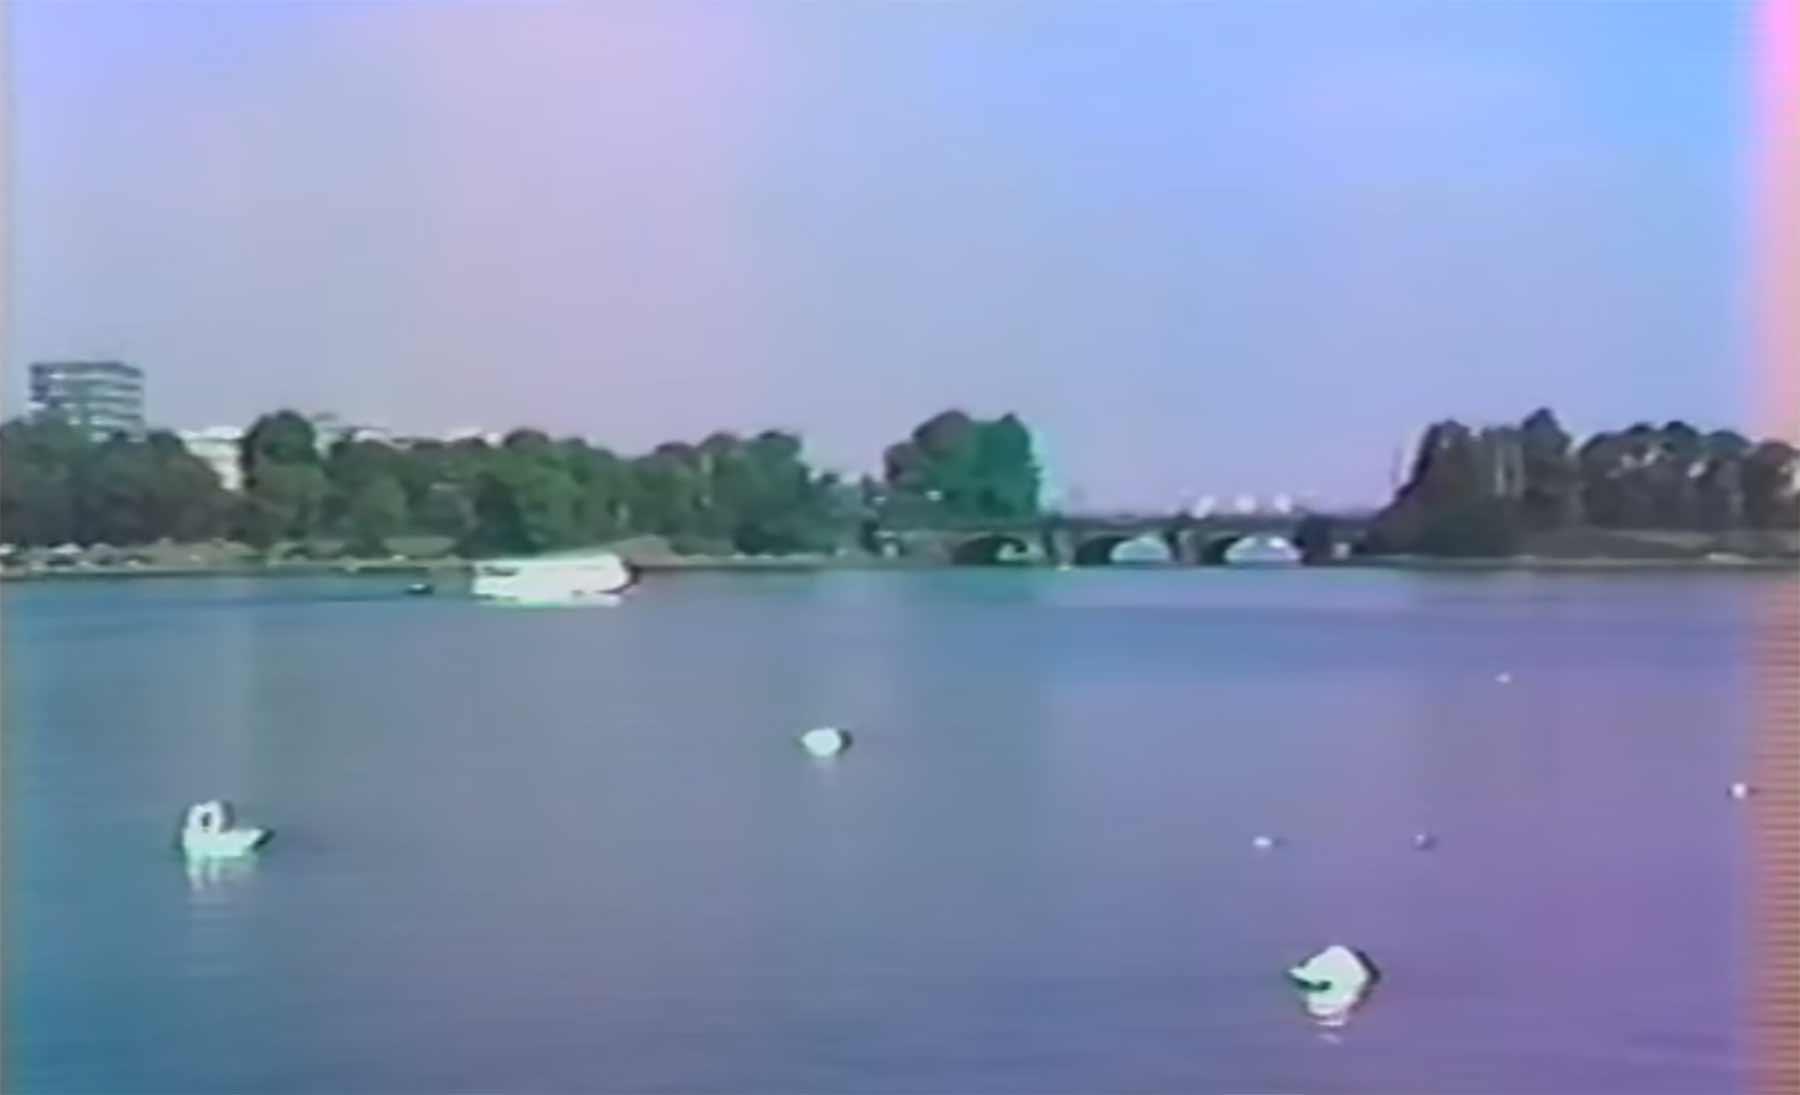 Stadtrundfahrt durch das 1982er Hamburg hamburg-1982